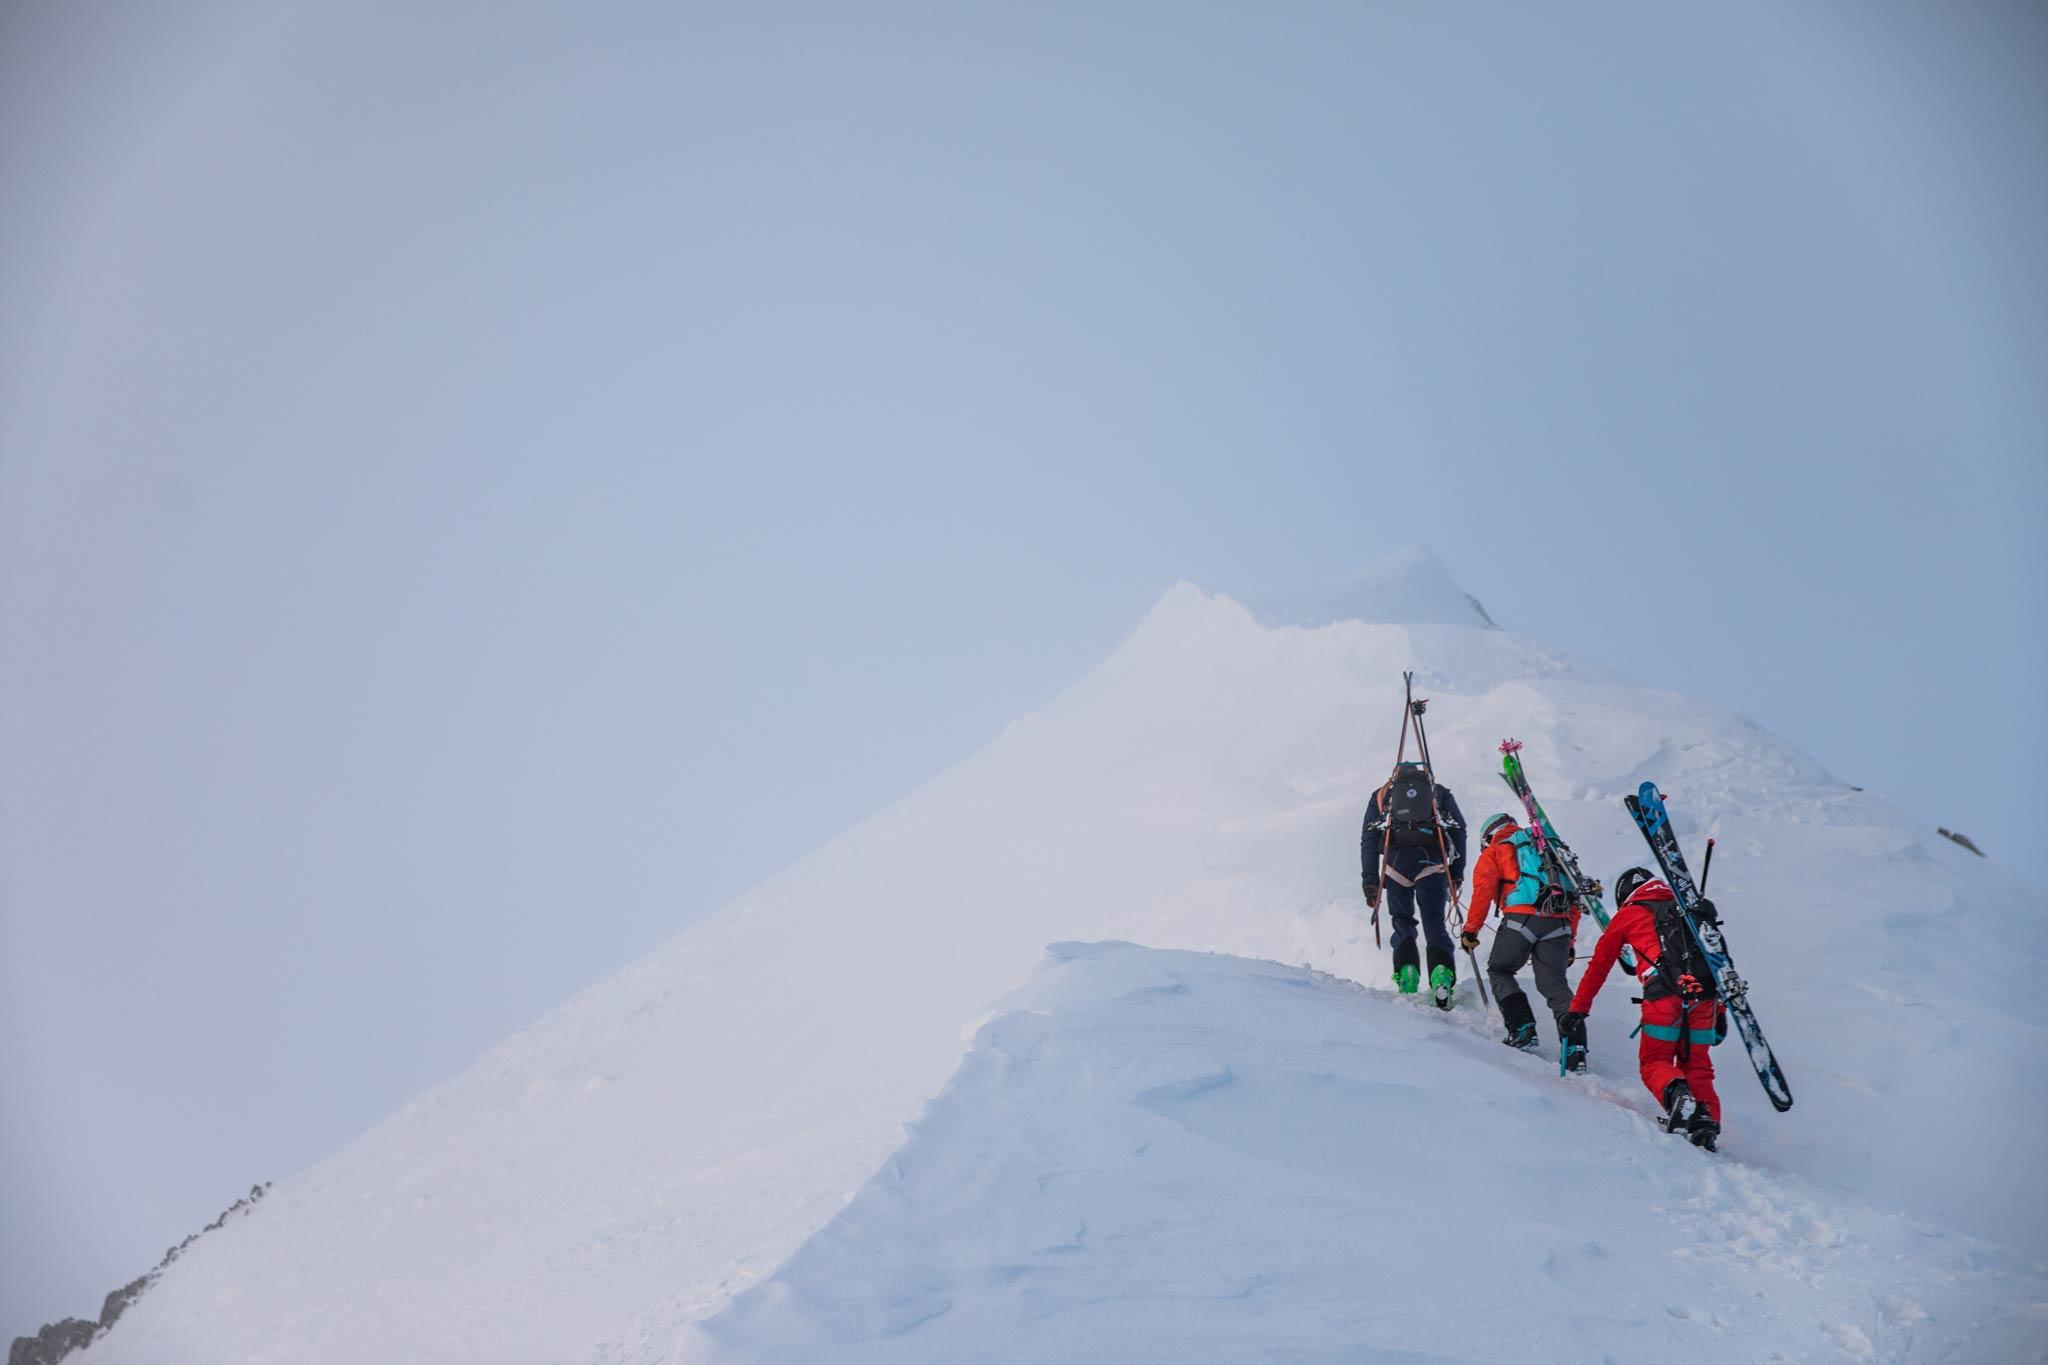 Georgien bietet neben seiner interessanten Kultur viele Möglichkeiten zum Skitouren. - Foto: Thomas Marzusch